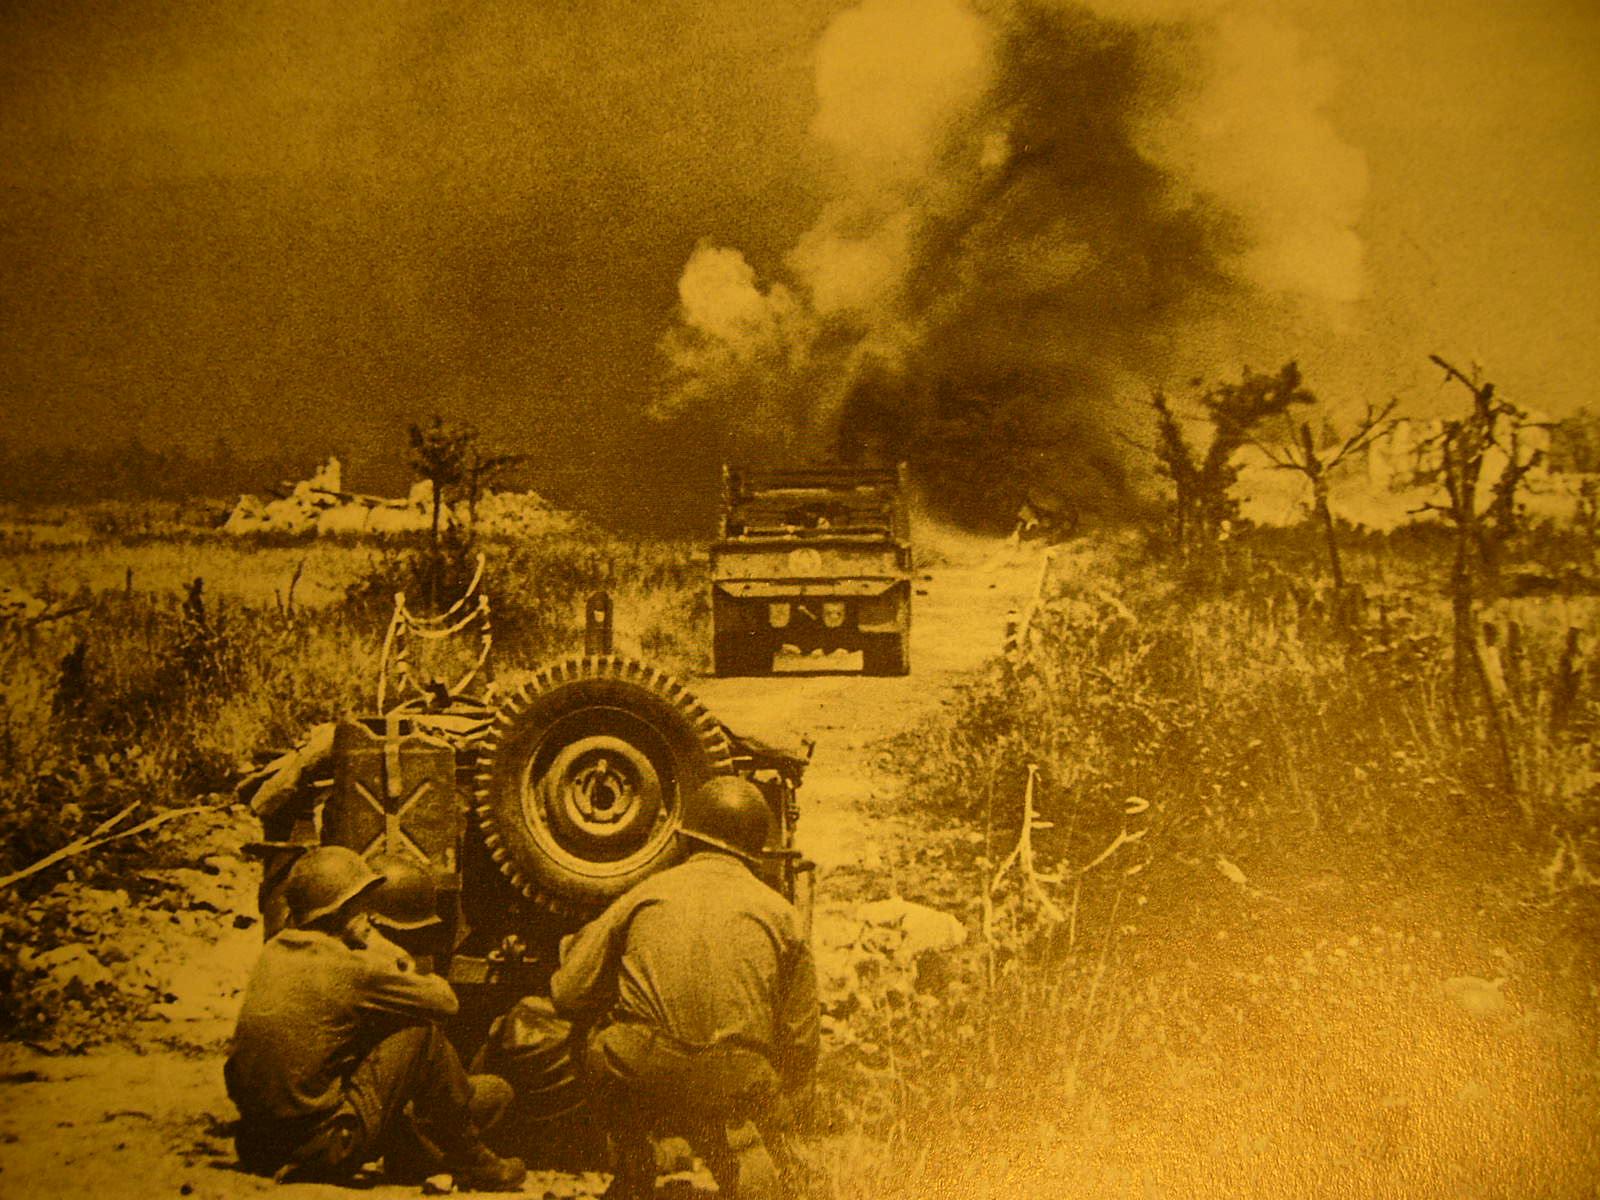 Fotografias increibles de la Segunda Guerra Mundial 4146154p1090930